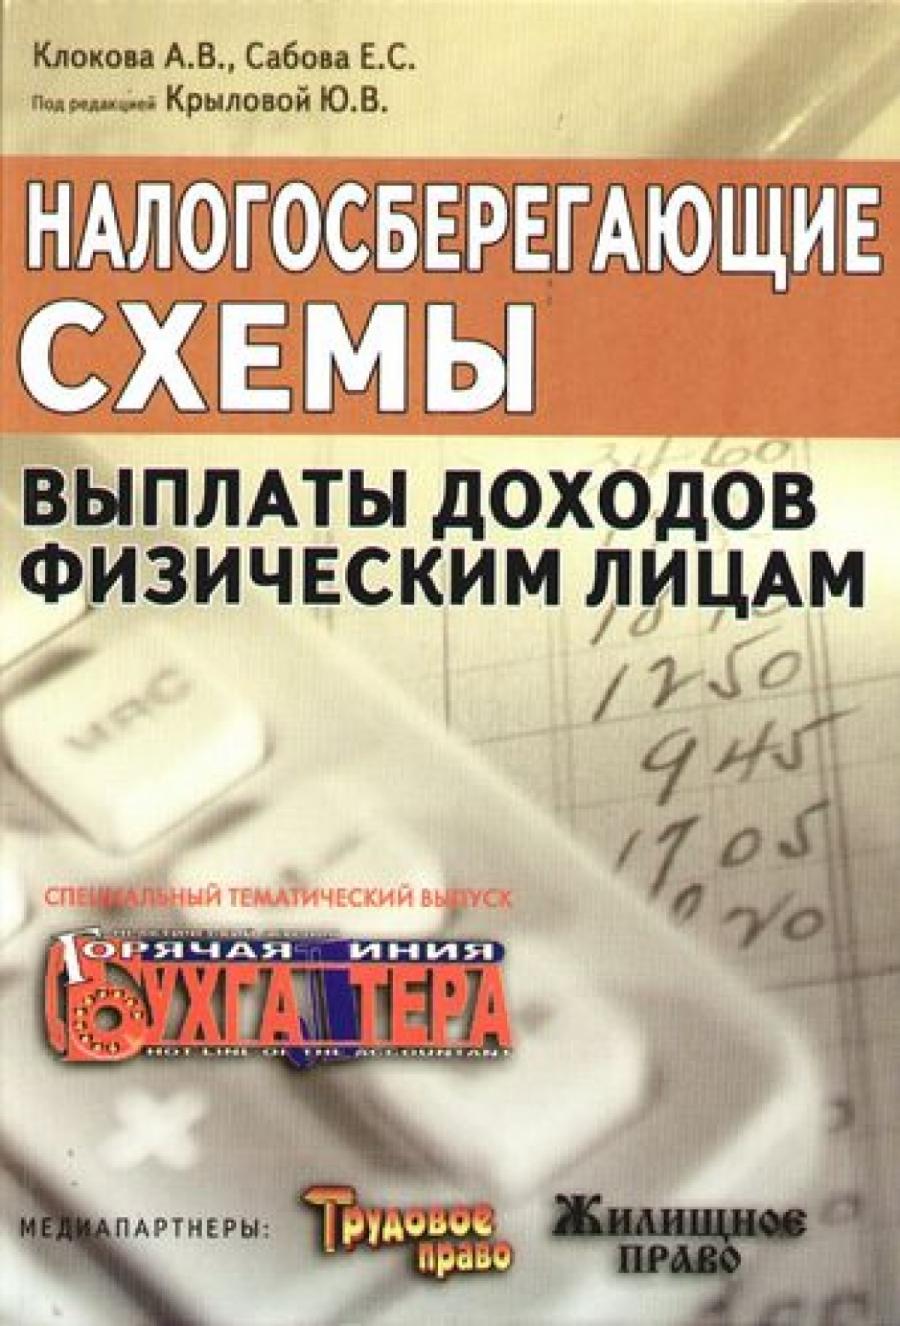 Обложка книги:  горячая линия бухгалтера - клокова а. в. , - налогосберегающие схемы